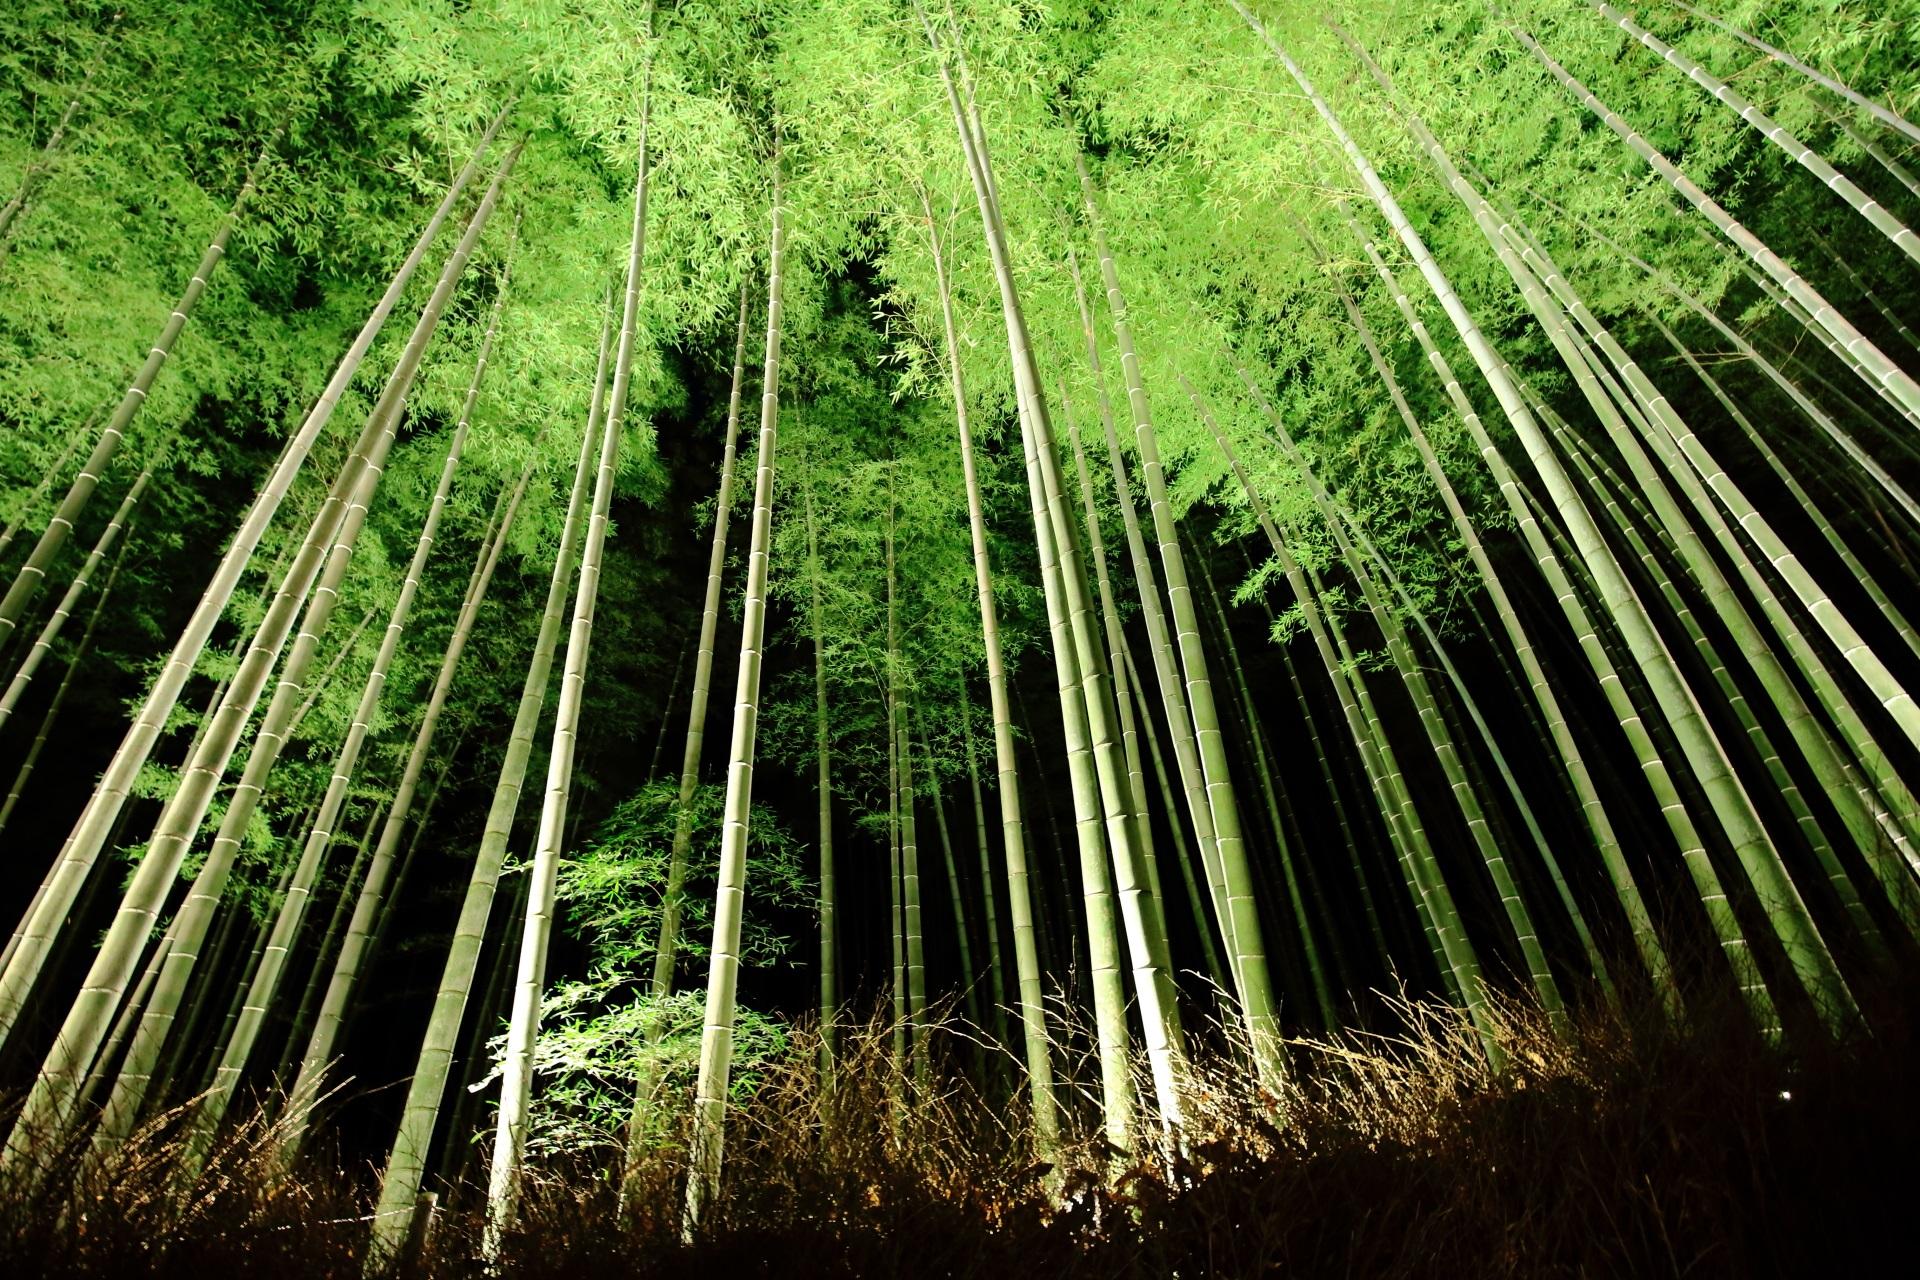 嵐山花灯路 高画質 竹林 写真 神秘的